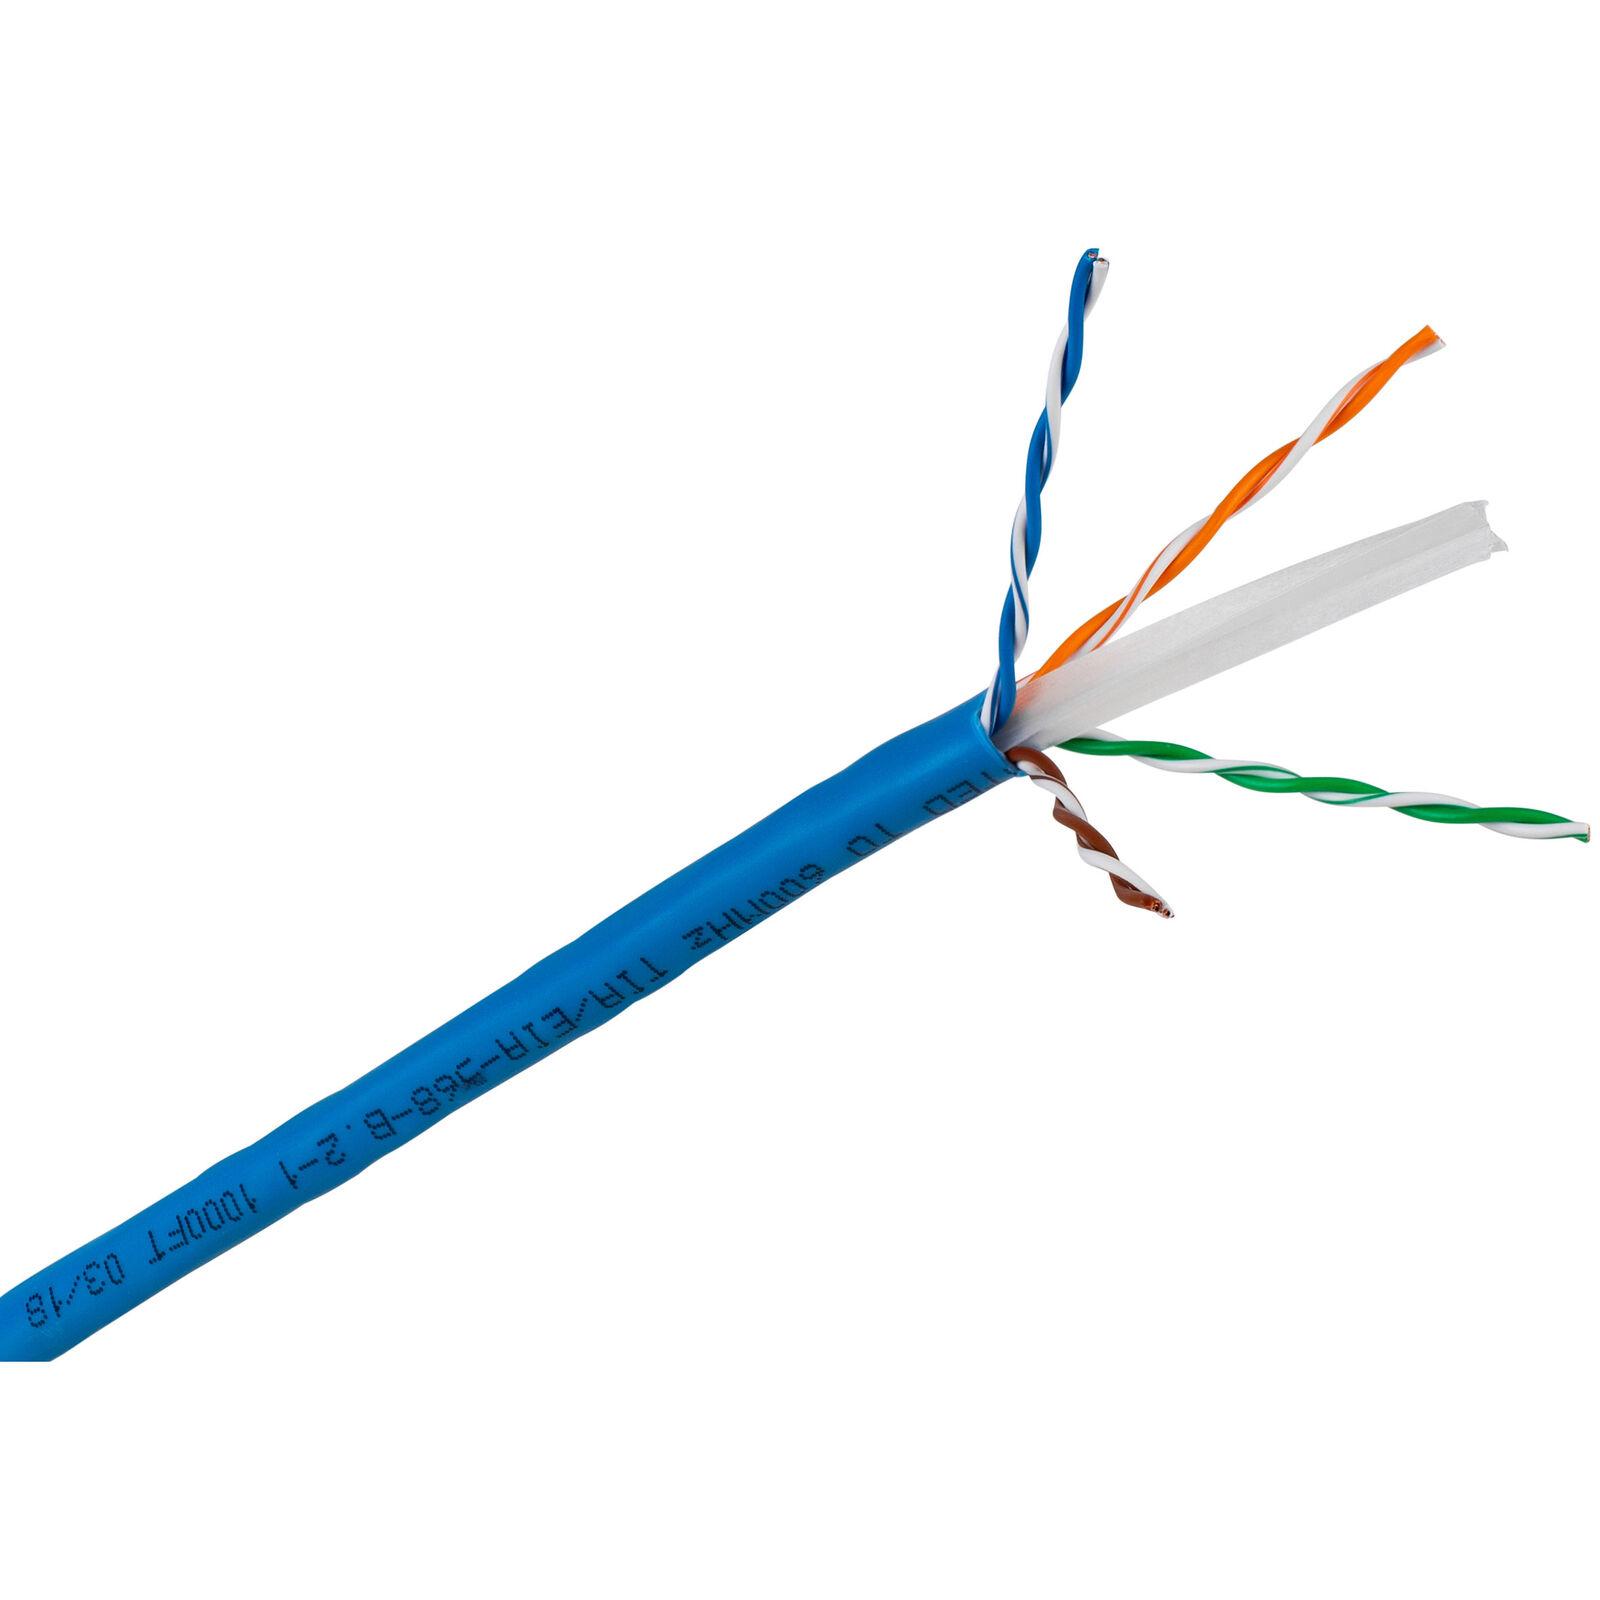 Cat 6 CMR 600 600 600 Mhz 23 4 AWG 1000 ft. Caja De Tracción Azul  la mejor oferta de tienda online